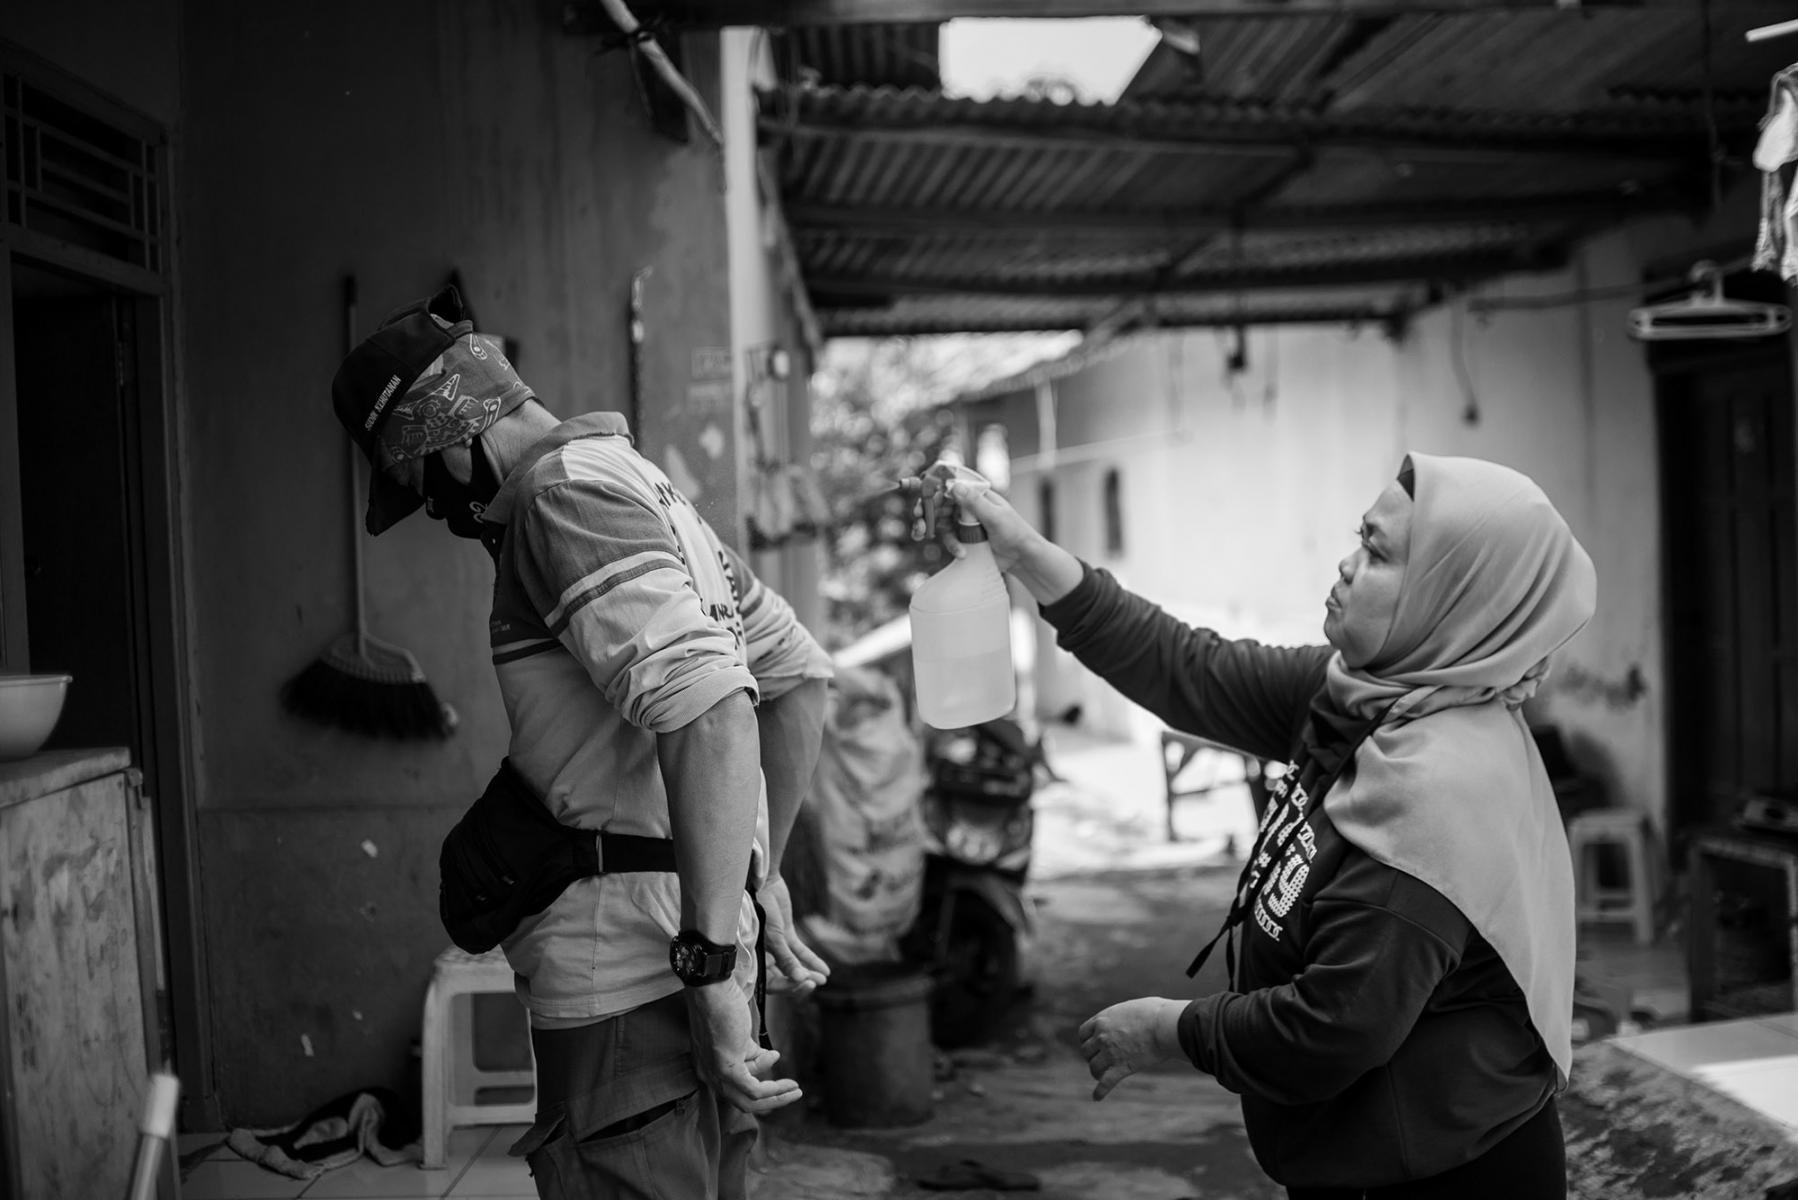 Onah (42) Istri Nadi Bin Eji Alias Amang menyemprotkan cairan disinfektan saat akan masuk rumahnya di kawasan Pondok Ranggon, Jakarta Timur.